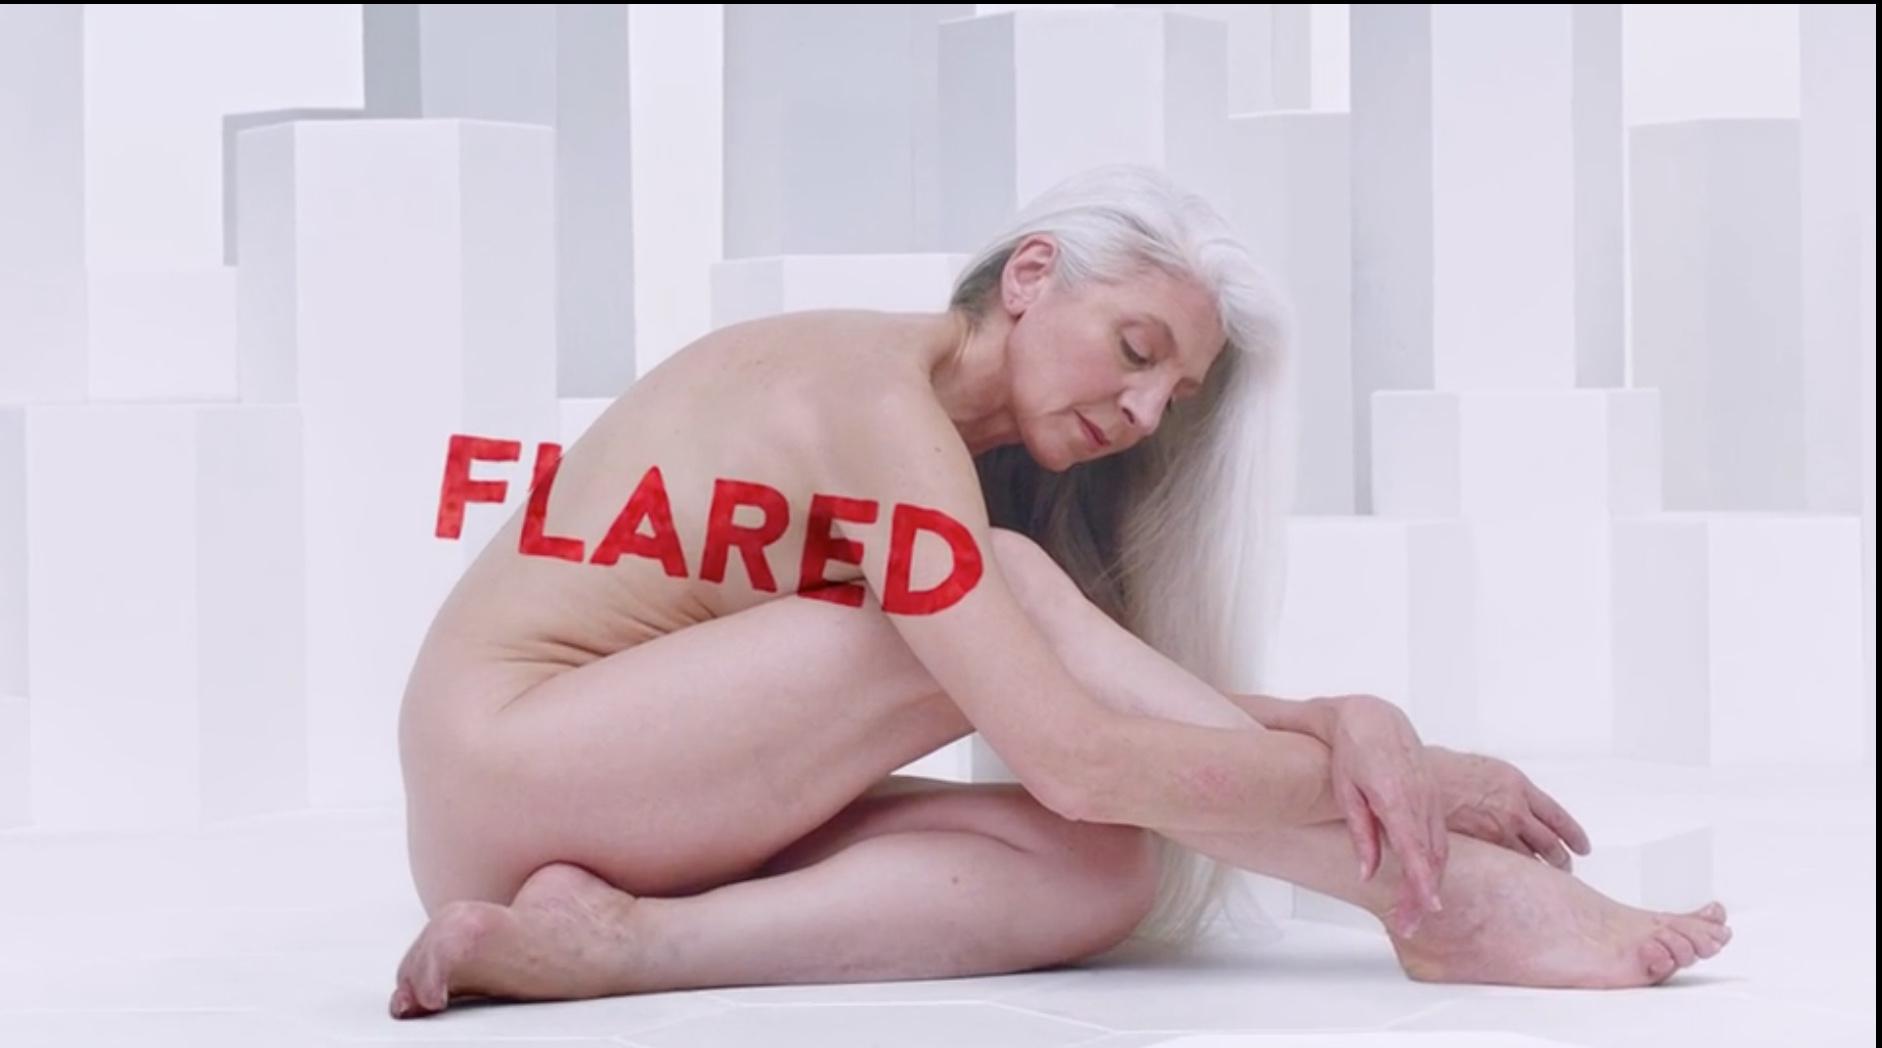 Dermalex commercial